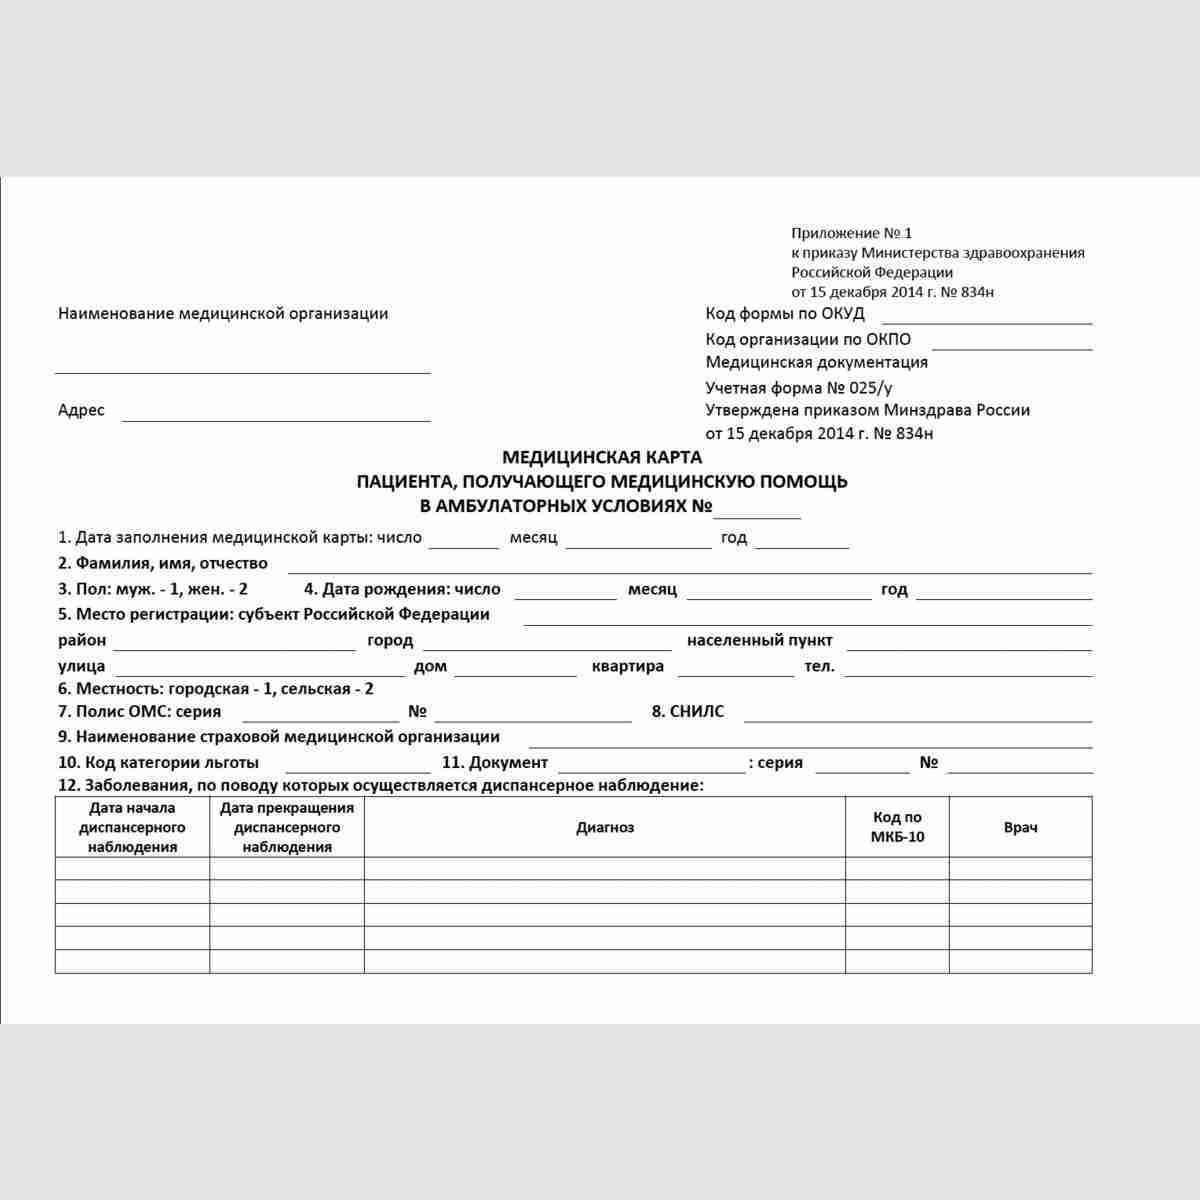 """Учетная форма №025/у """"Медицинская карта пациента, получающего медицинскую помощь в амбулаторных условиях"""". Титульный лист."""